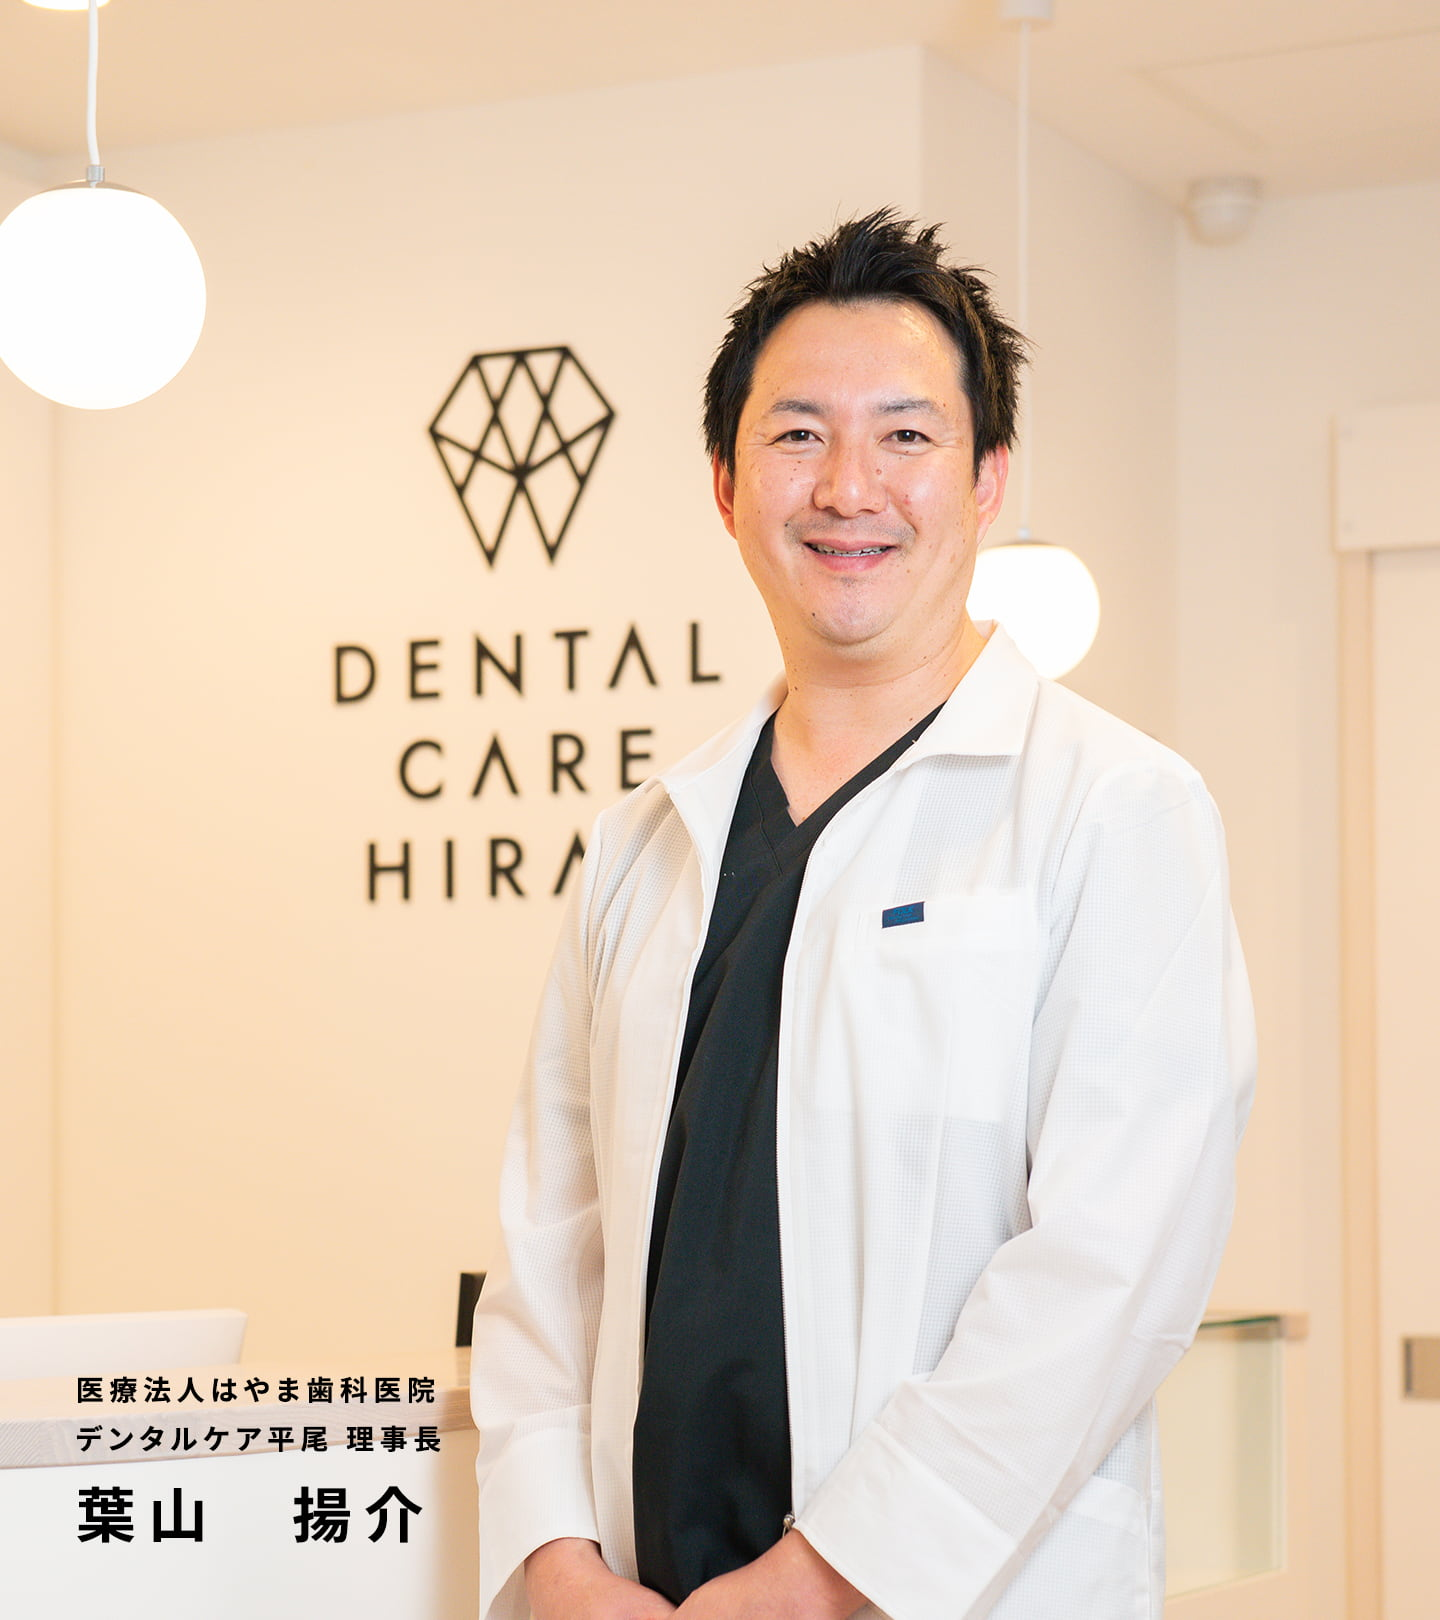 デンタルケア平尾理事長葉山揚介